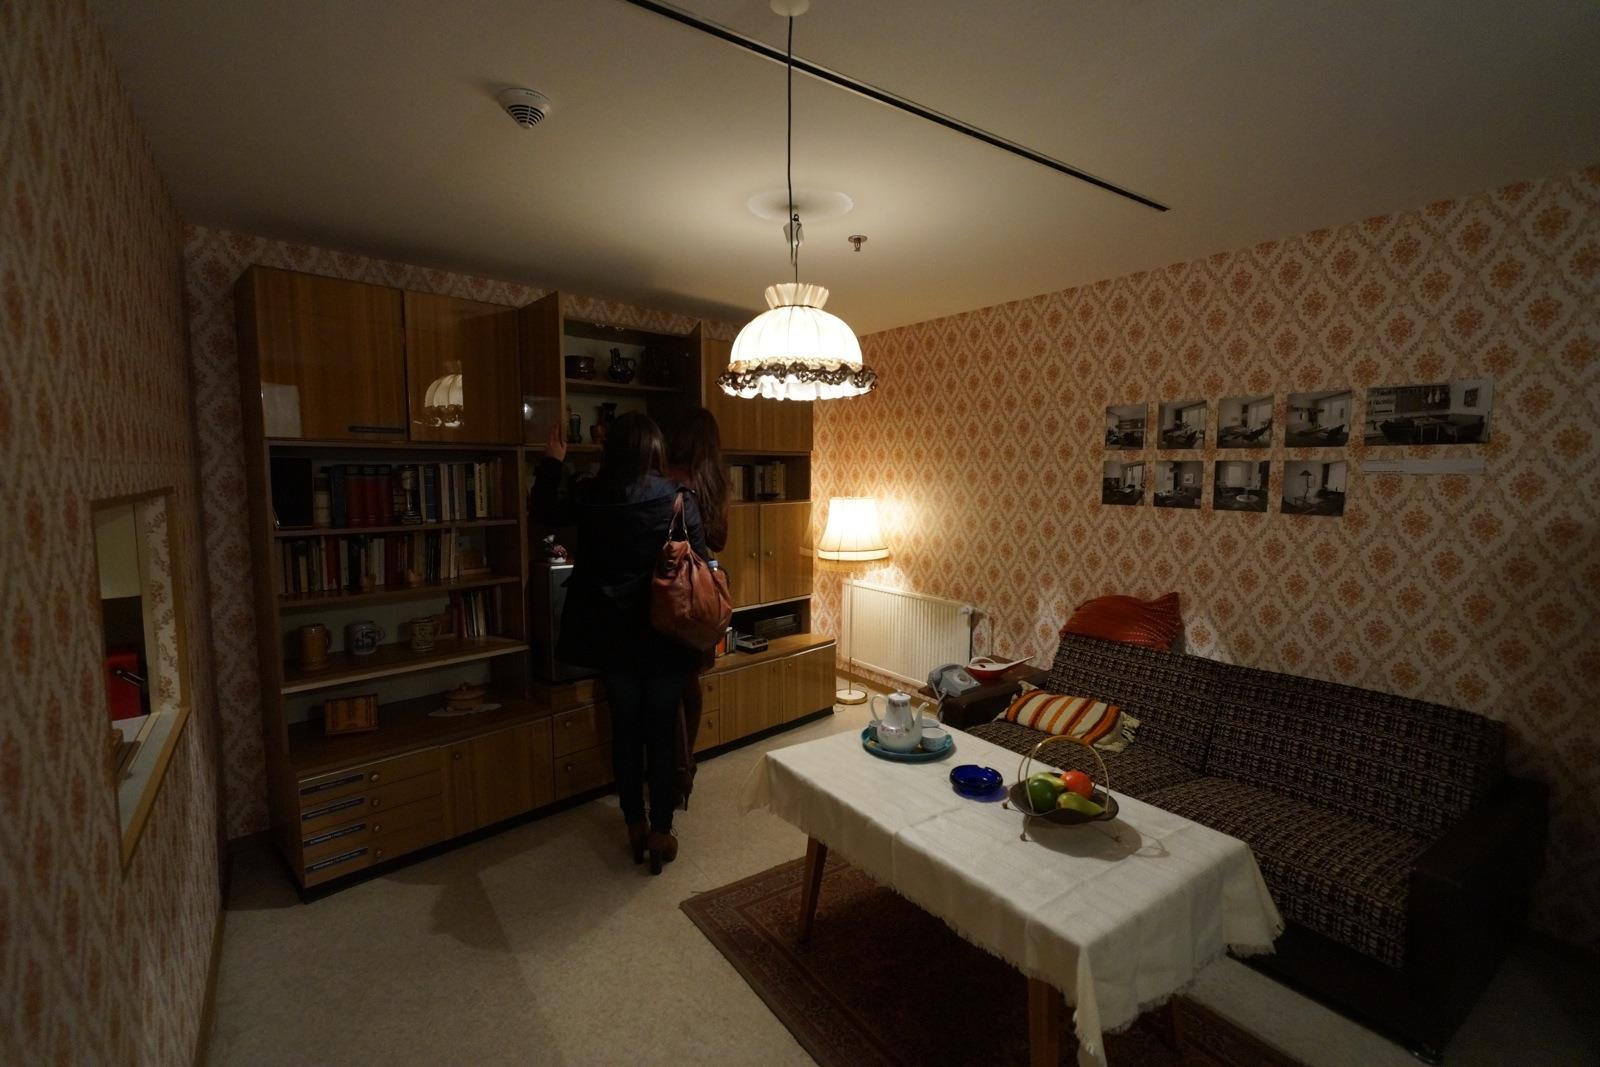 一個東德的博物館展出當時民居內的家具和裝飾,了解當時東德人的生活。